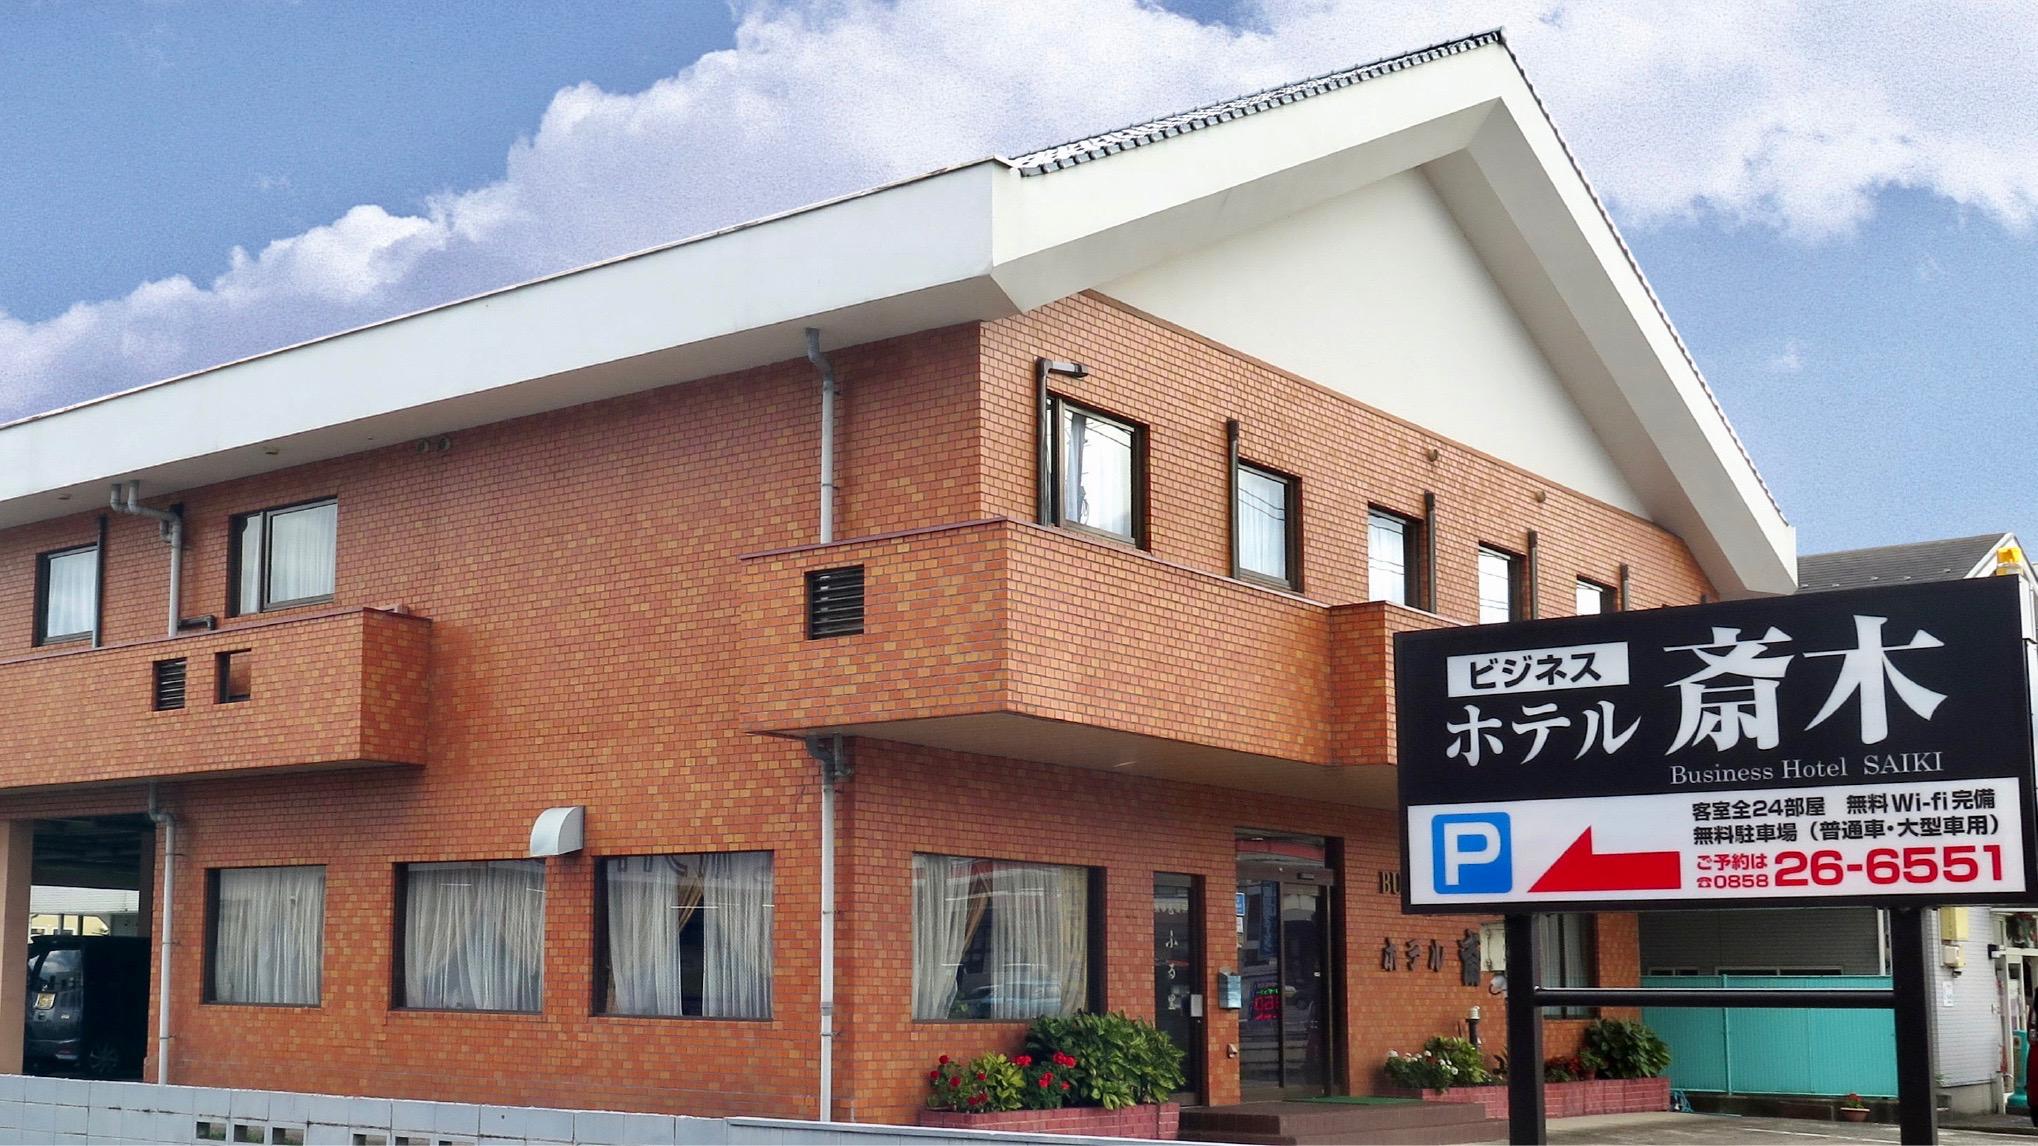 ビジネスホテル 斎木◆楽天トラベル